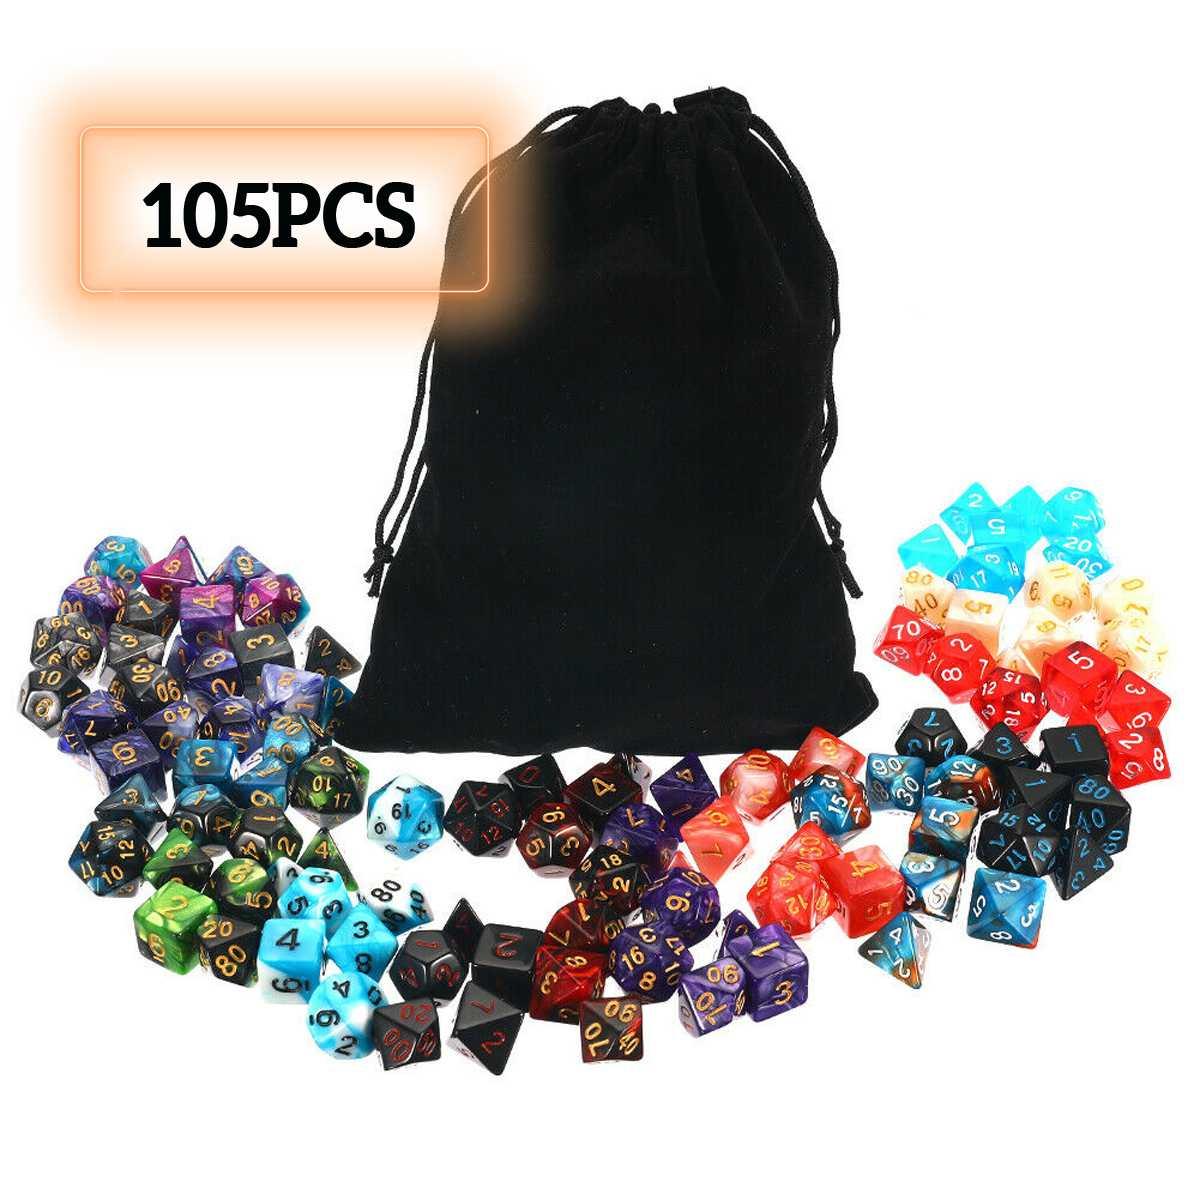 Conjunto de Dados Jogo de Mesa Dragão + Bolsa Conjunto de Cores Pces Polyhedral Mtg Role Playing Misturadas 105 Dnd Rpg